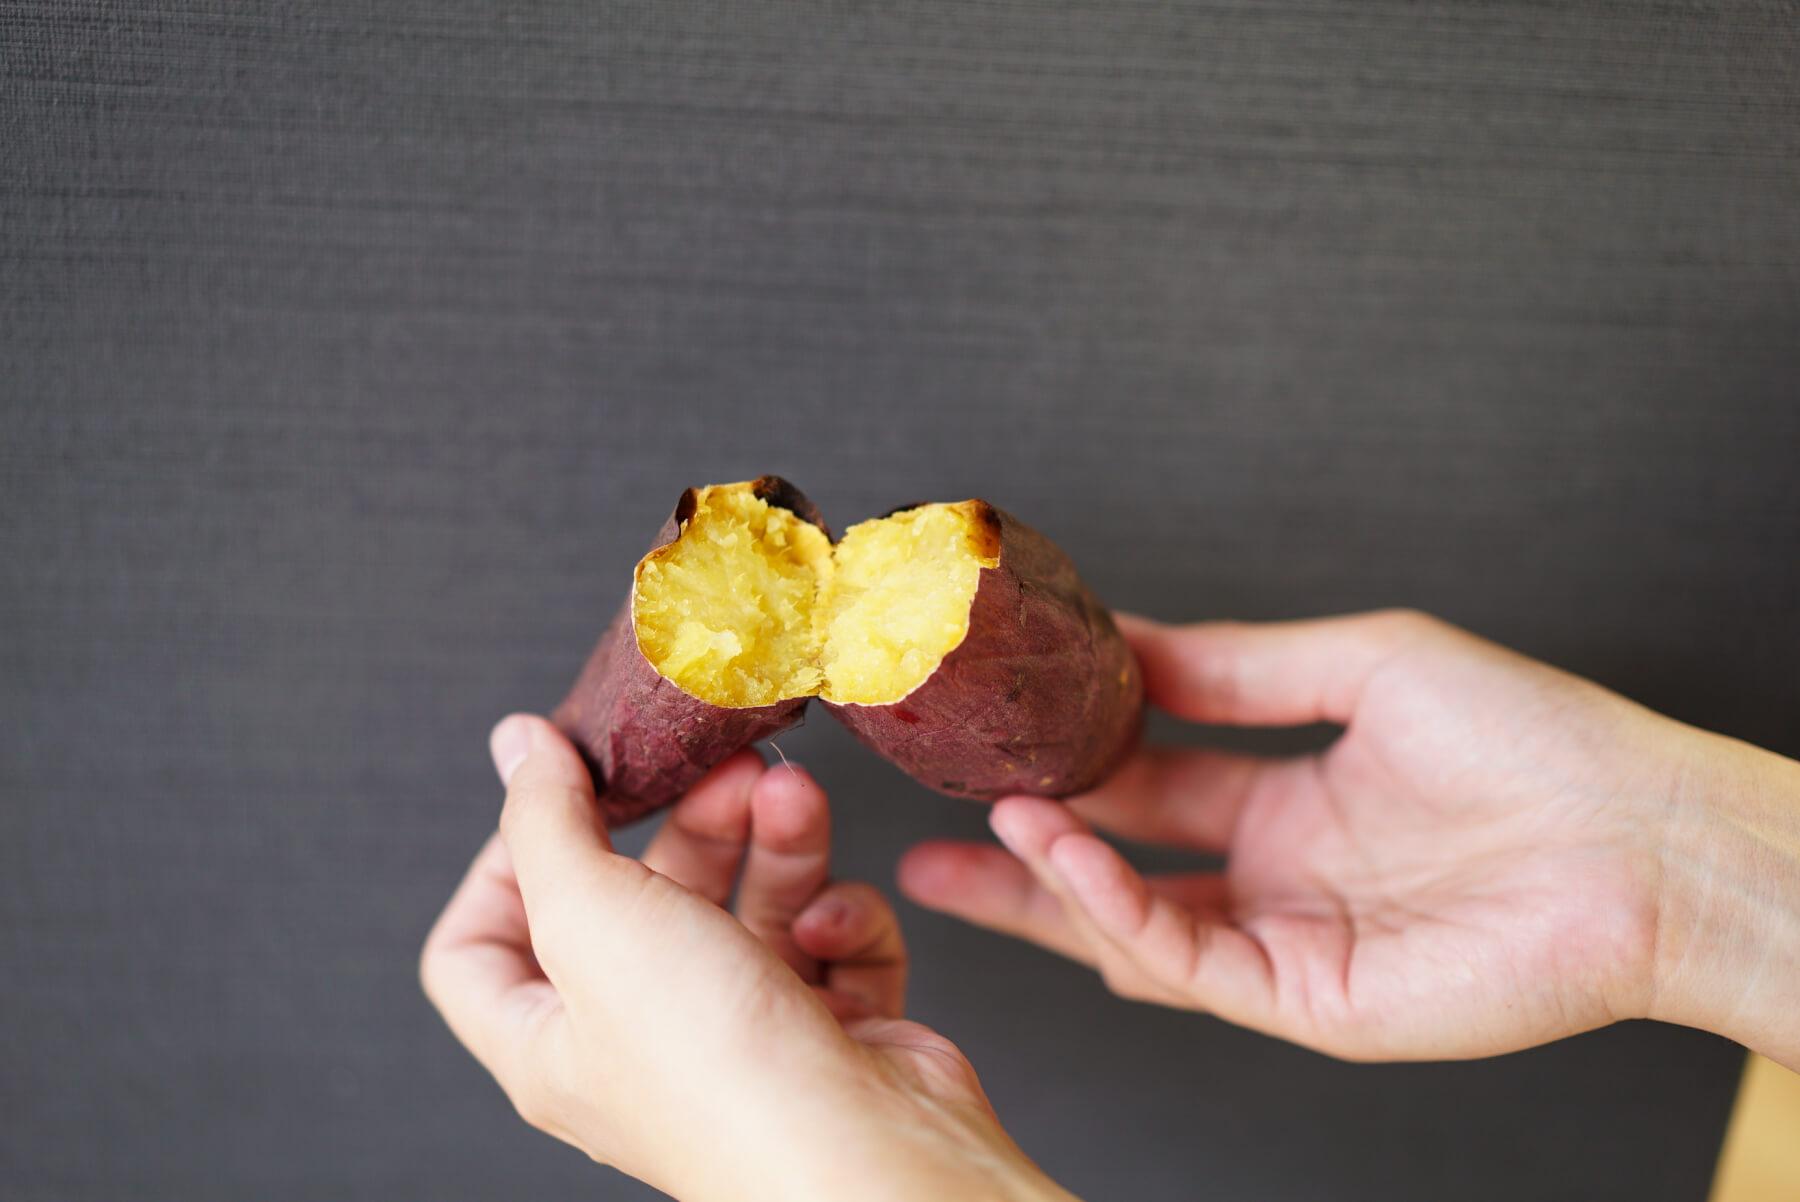 実食!完成した焼き芋を食べ比べ バルミューダ The Toasterで焼いた紅はるか